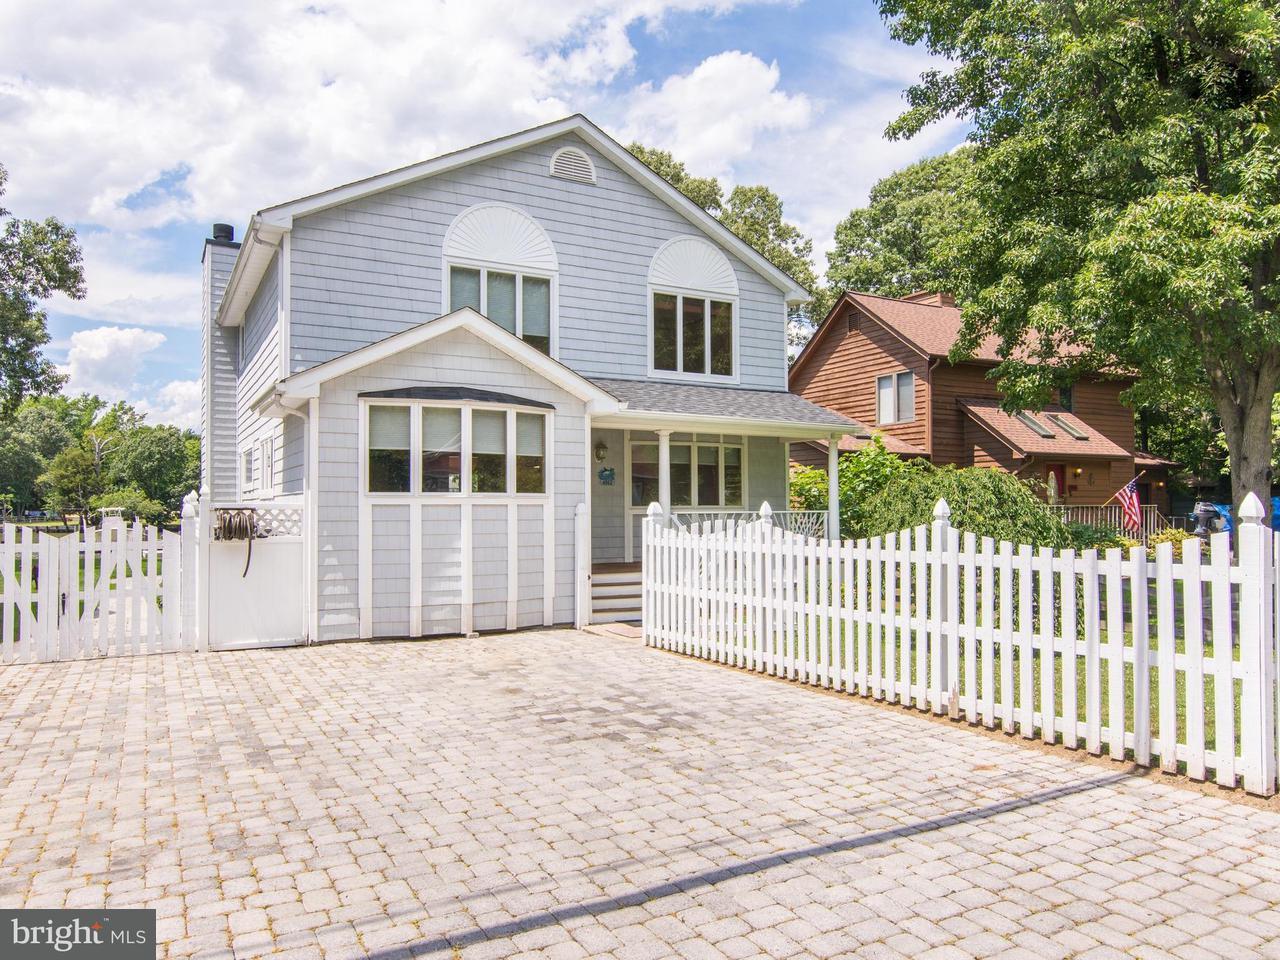 Einfamilienhaus für Verkauf beim 4962 LERCH Drive 4962 LERCH Drive Shady Side, Maryland 20764 Vereinigte Staaten